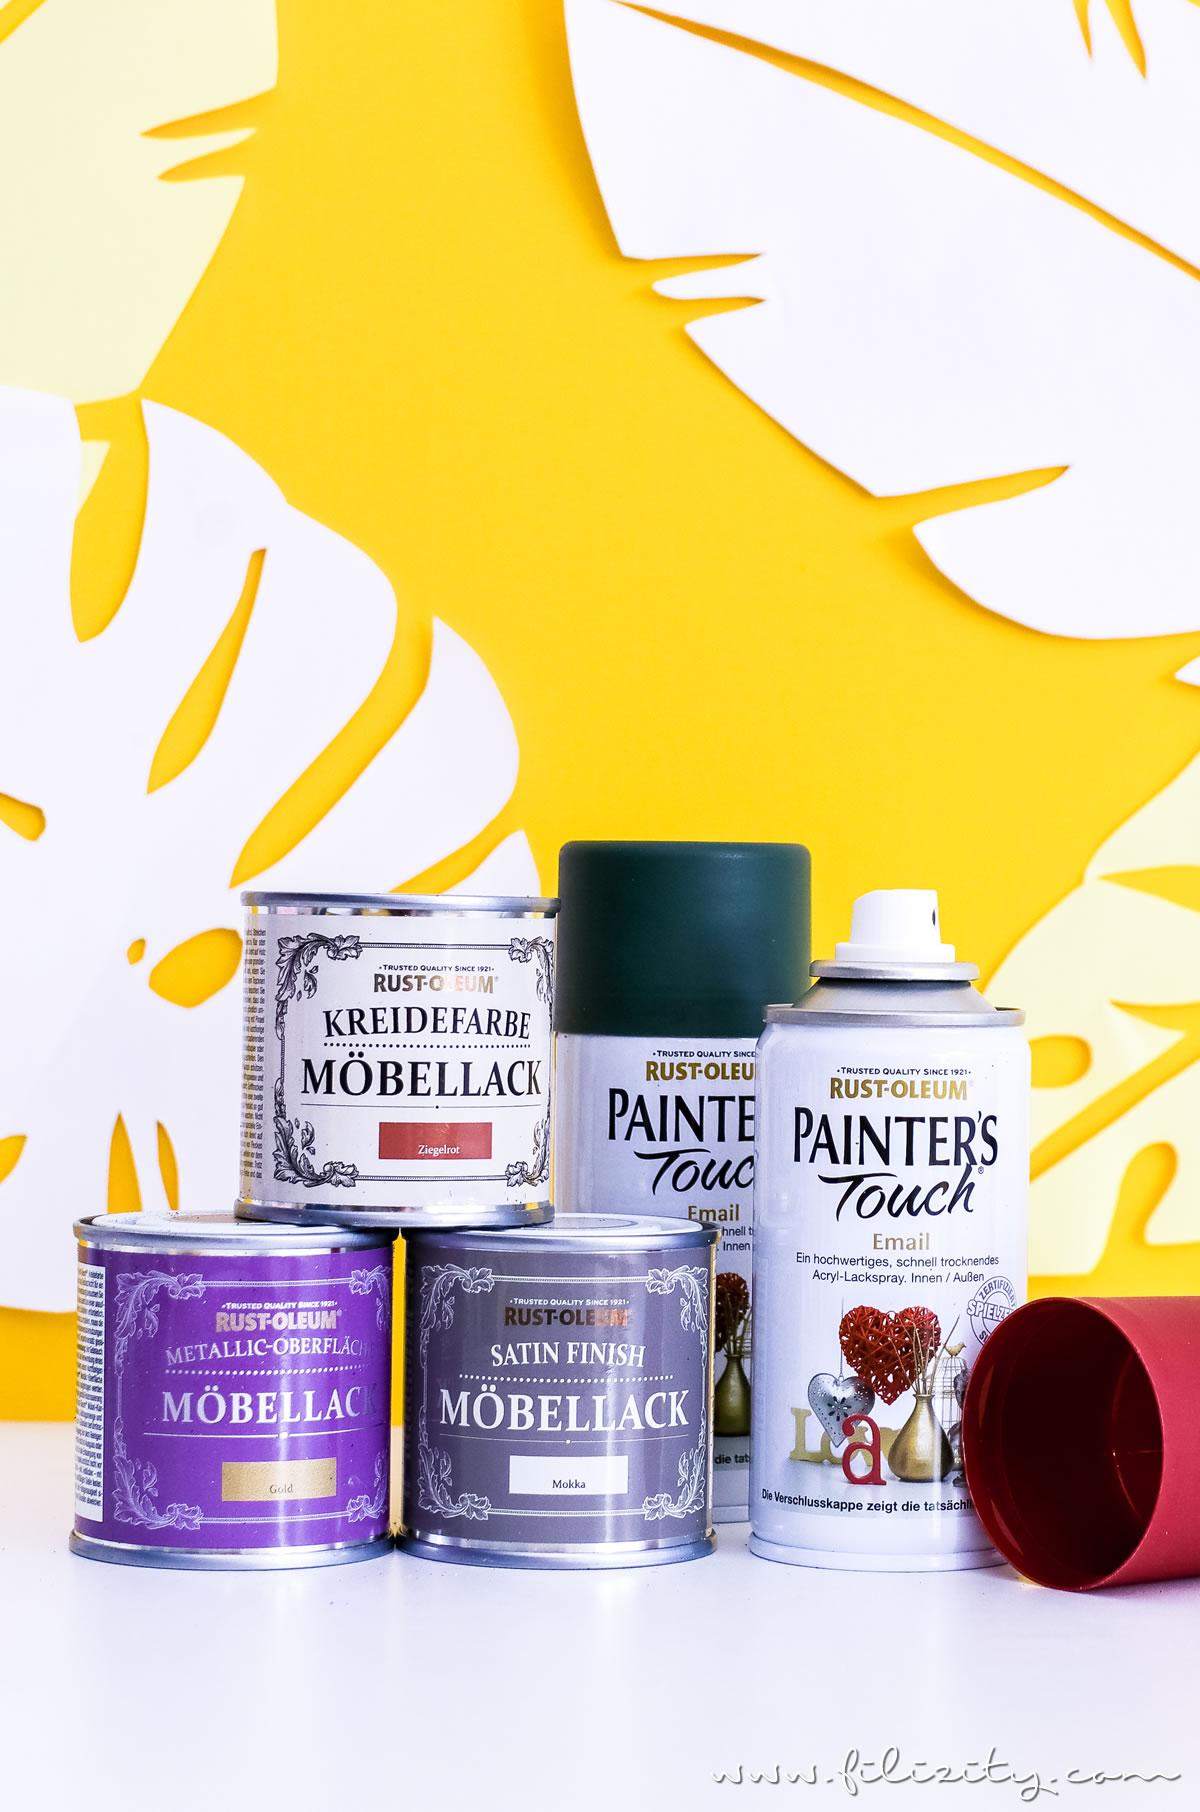 Schnelle Upcycling Idee mit Kreidefarbe: IKEAHACK Frosta Hocker im Urban Jungle Style | Filizity.com - DIY-Blog aus dem Rheinland #diysummer #rustoleum #urbanjungle #frosta #ikeahack